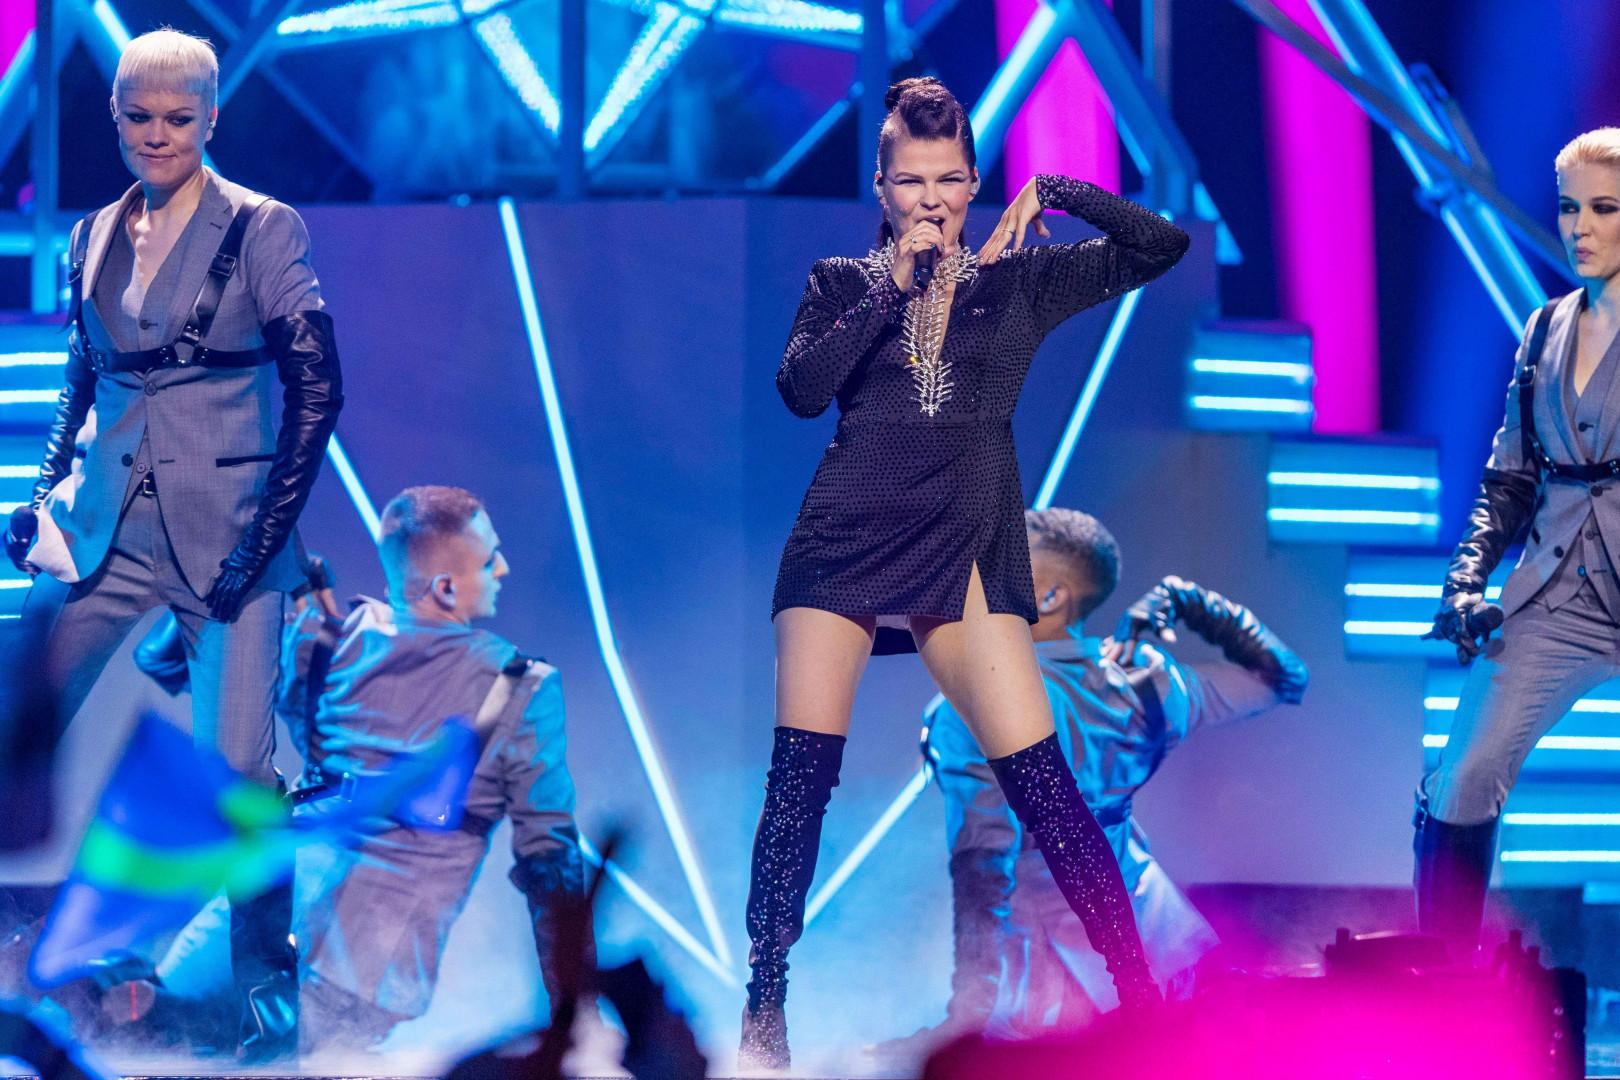 Saara Aalto (Finlande) est qualifiée pour la finale de l'Eurovision 2018